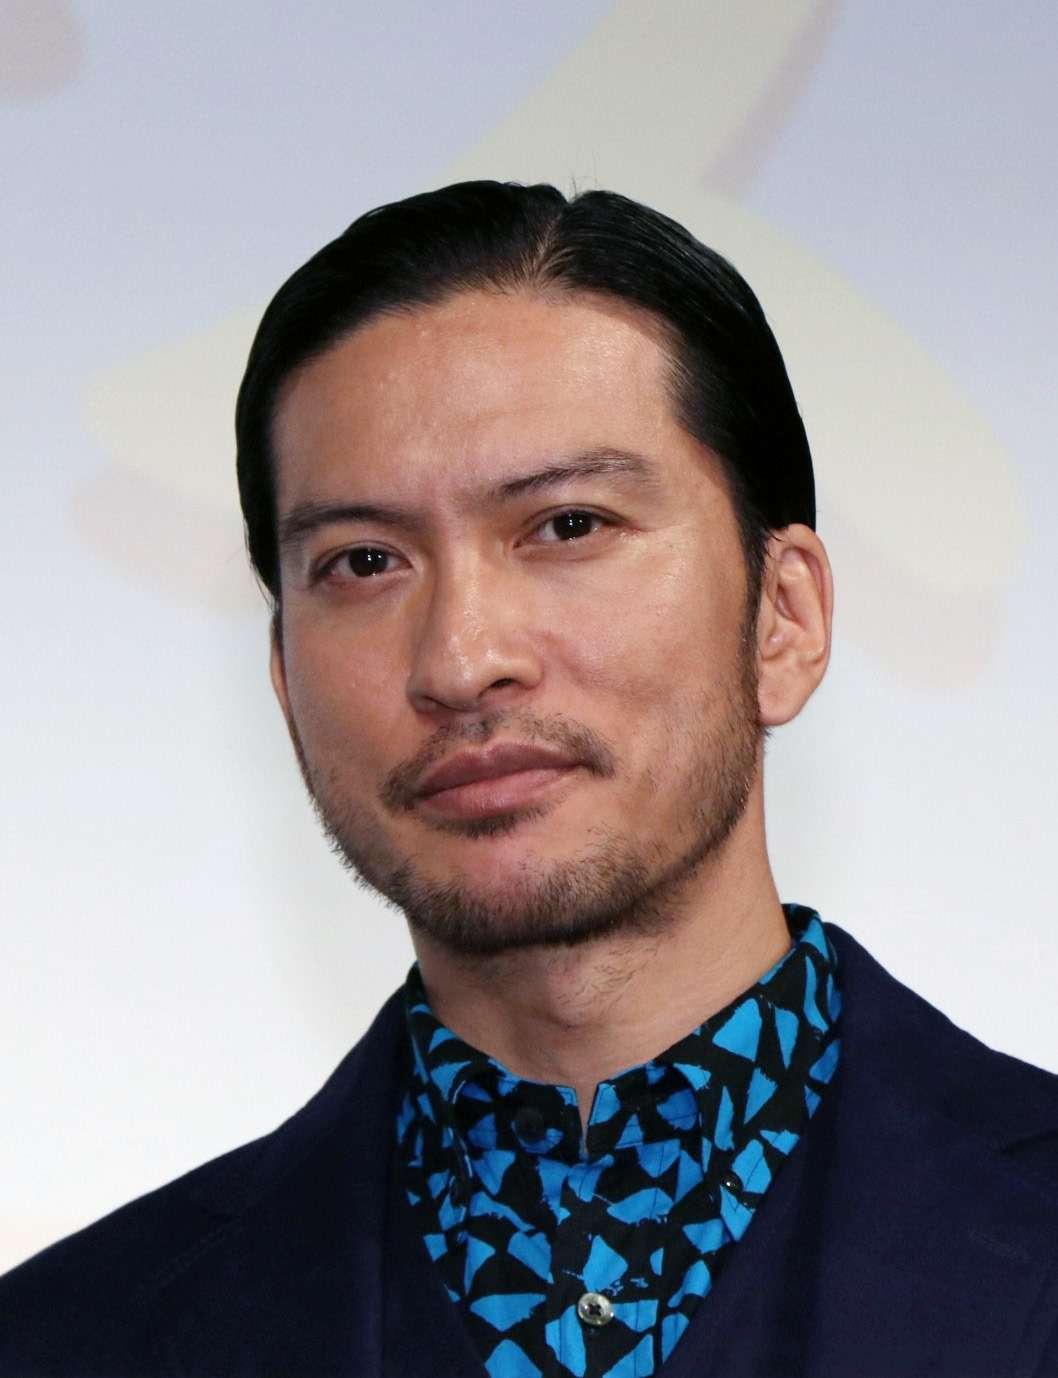 TOKIO『長瀬』ジャニーズ退所 ジャニーズピンチか!?